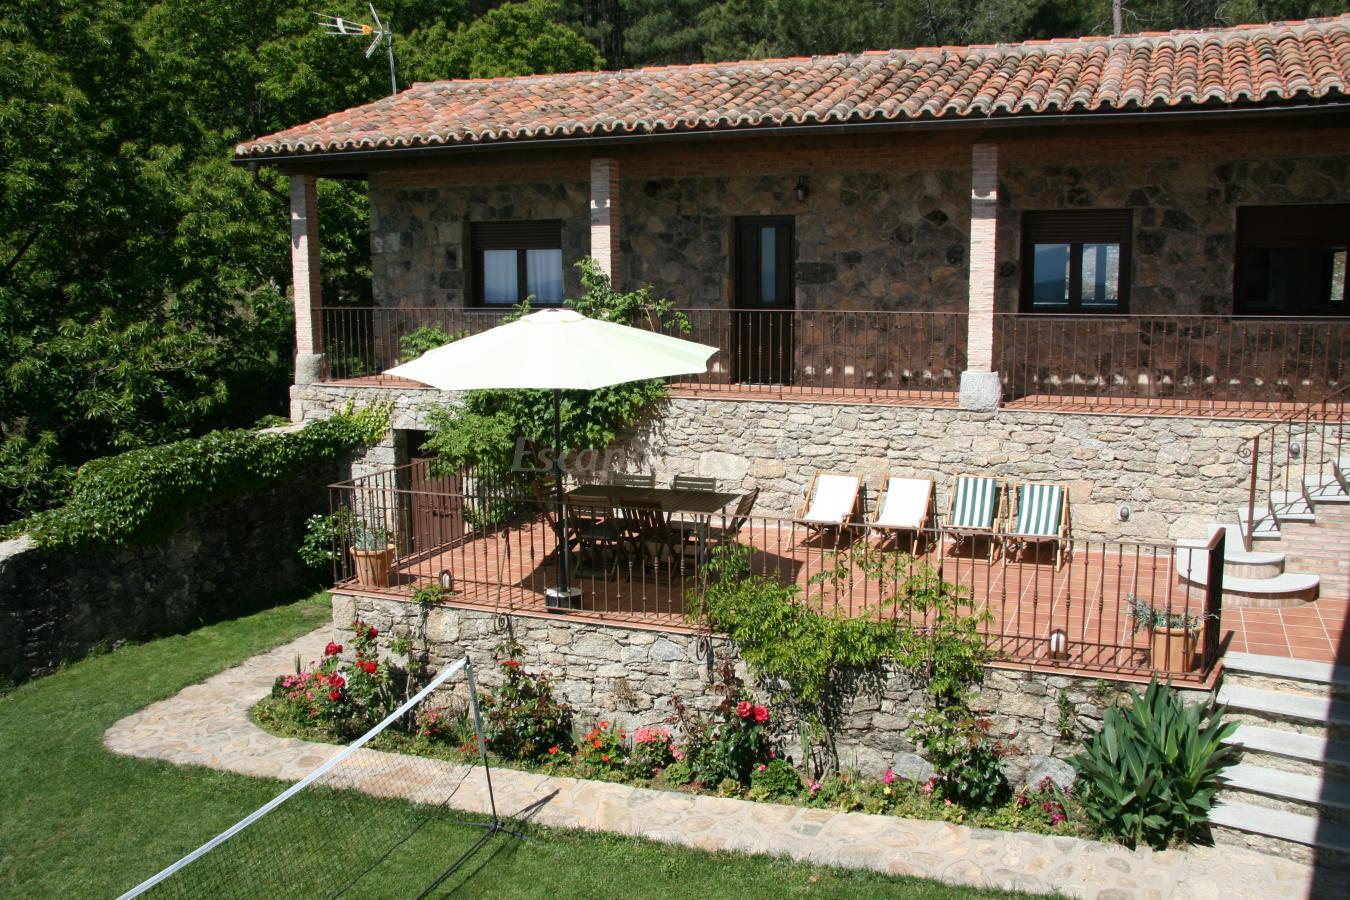 Fotos de la hacienda de gredos casa rural en guisando vila - Casa rural guisando ...